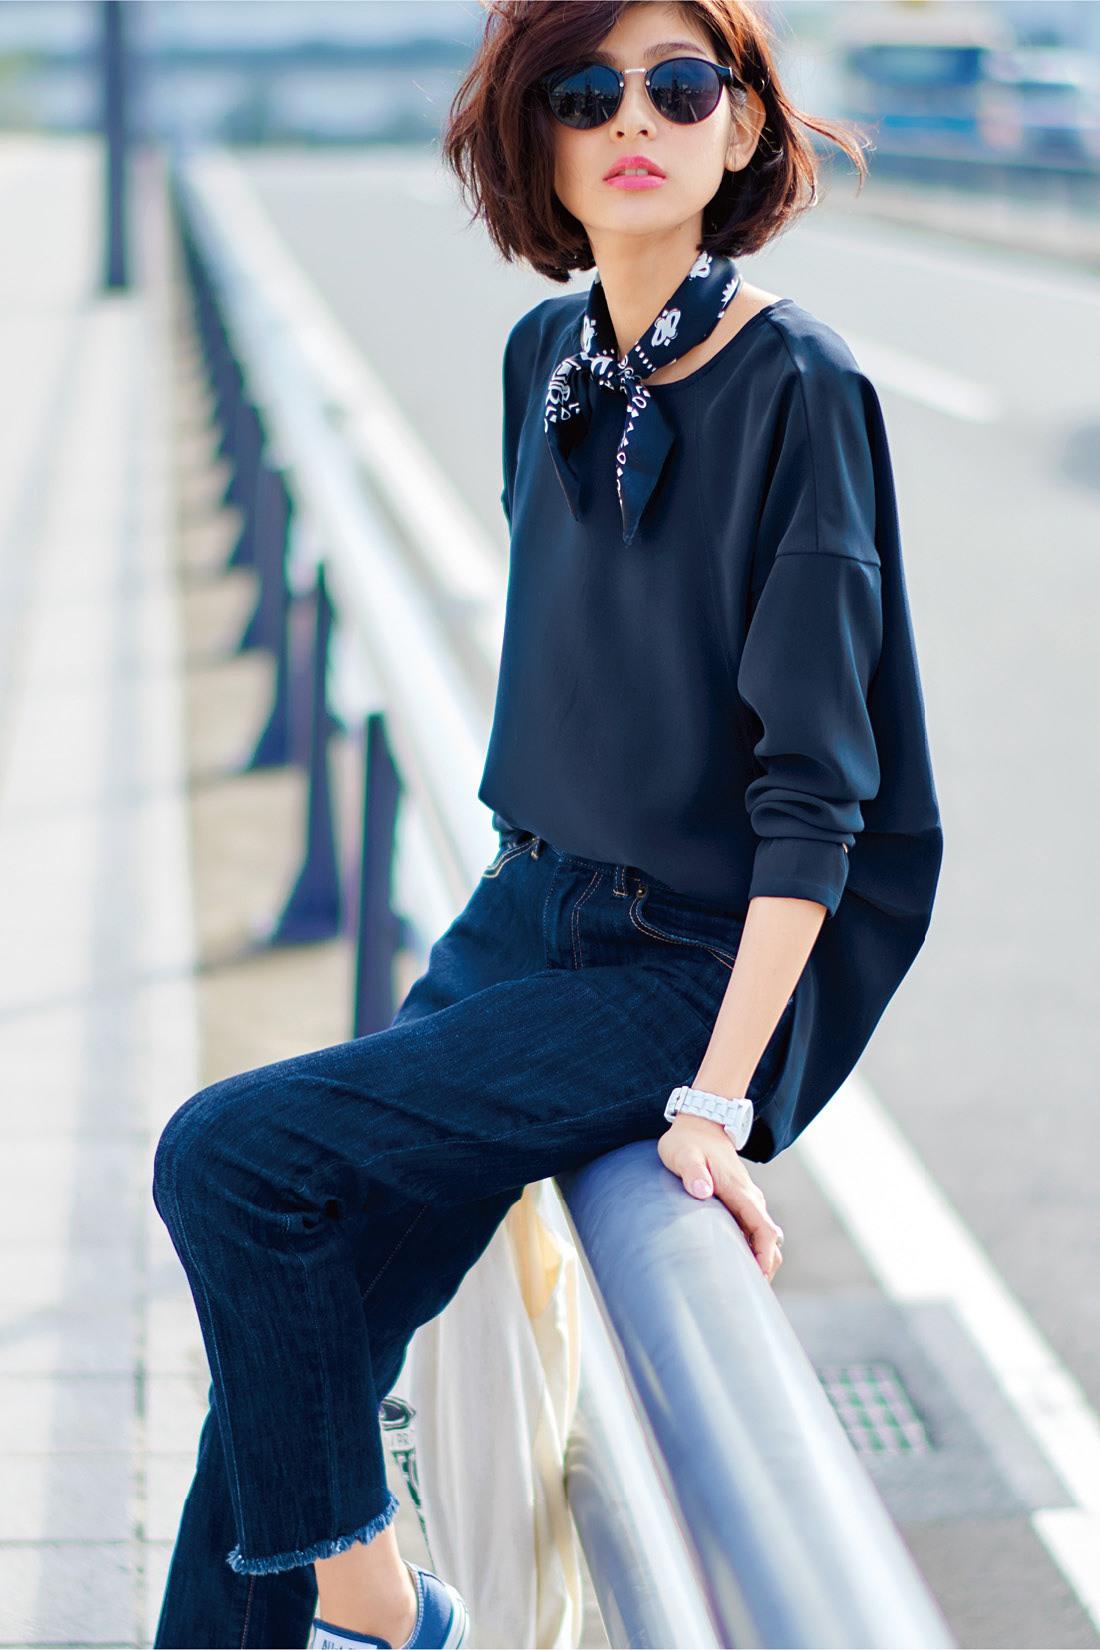 ネイビーのしなやかなブラウスを合わせて足もとはスニーカーでカジュアルに。首もとにスカーフでポイントをつくるとさらに今年らしく旬顔に。